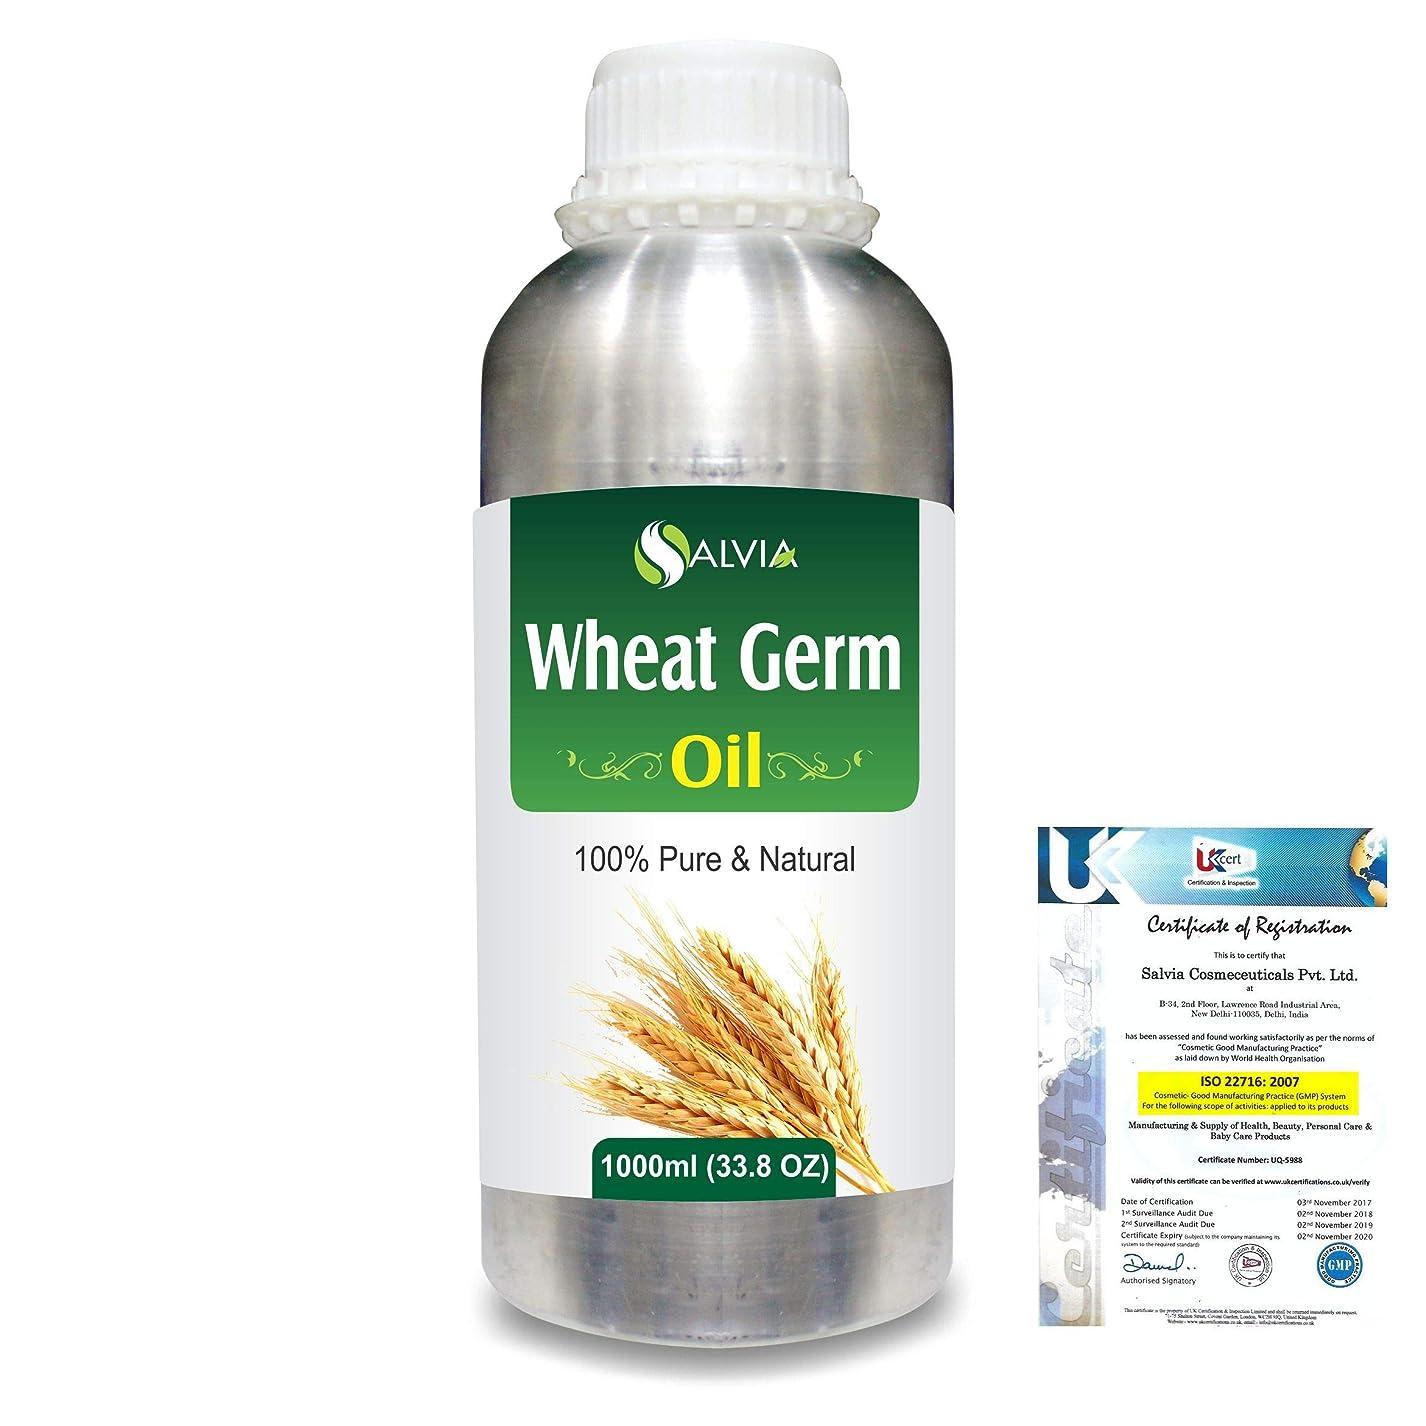 葉っぱ無駄だ壊れたWheat Germ (Triticum aestivum) 100% Natural Pure Essential Oil 1000ml/33.8fl.oz.